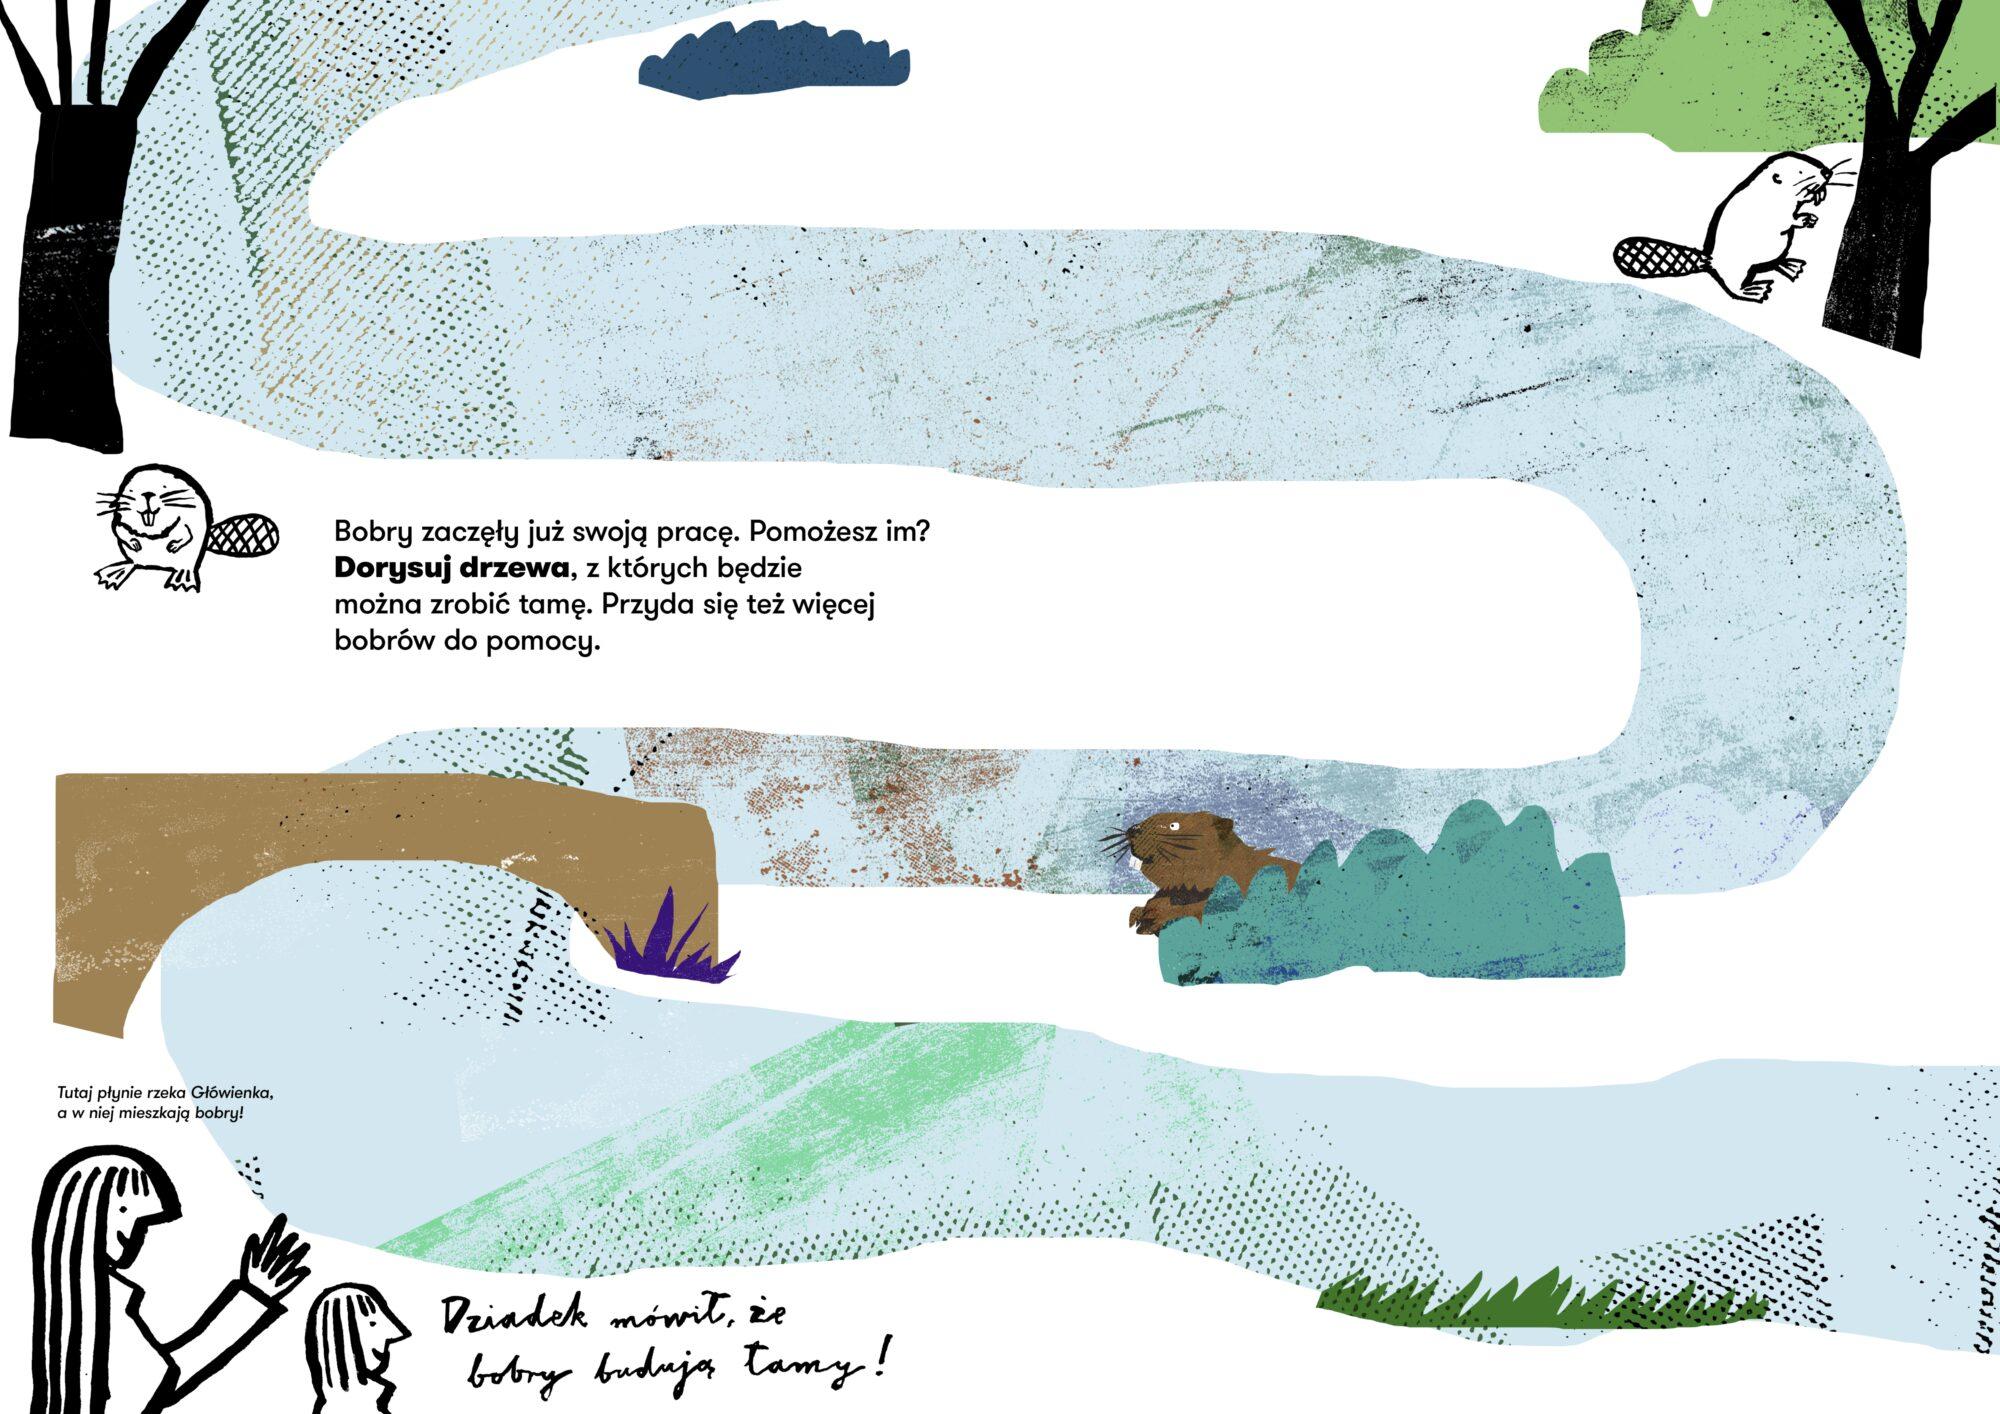 Natura na Głównej. Aktywnościówka dla dzieci - strona 5